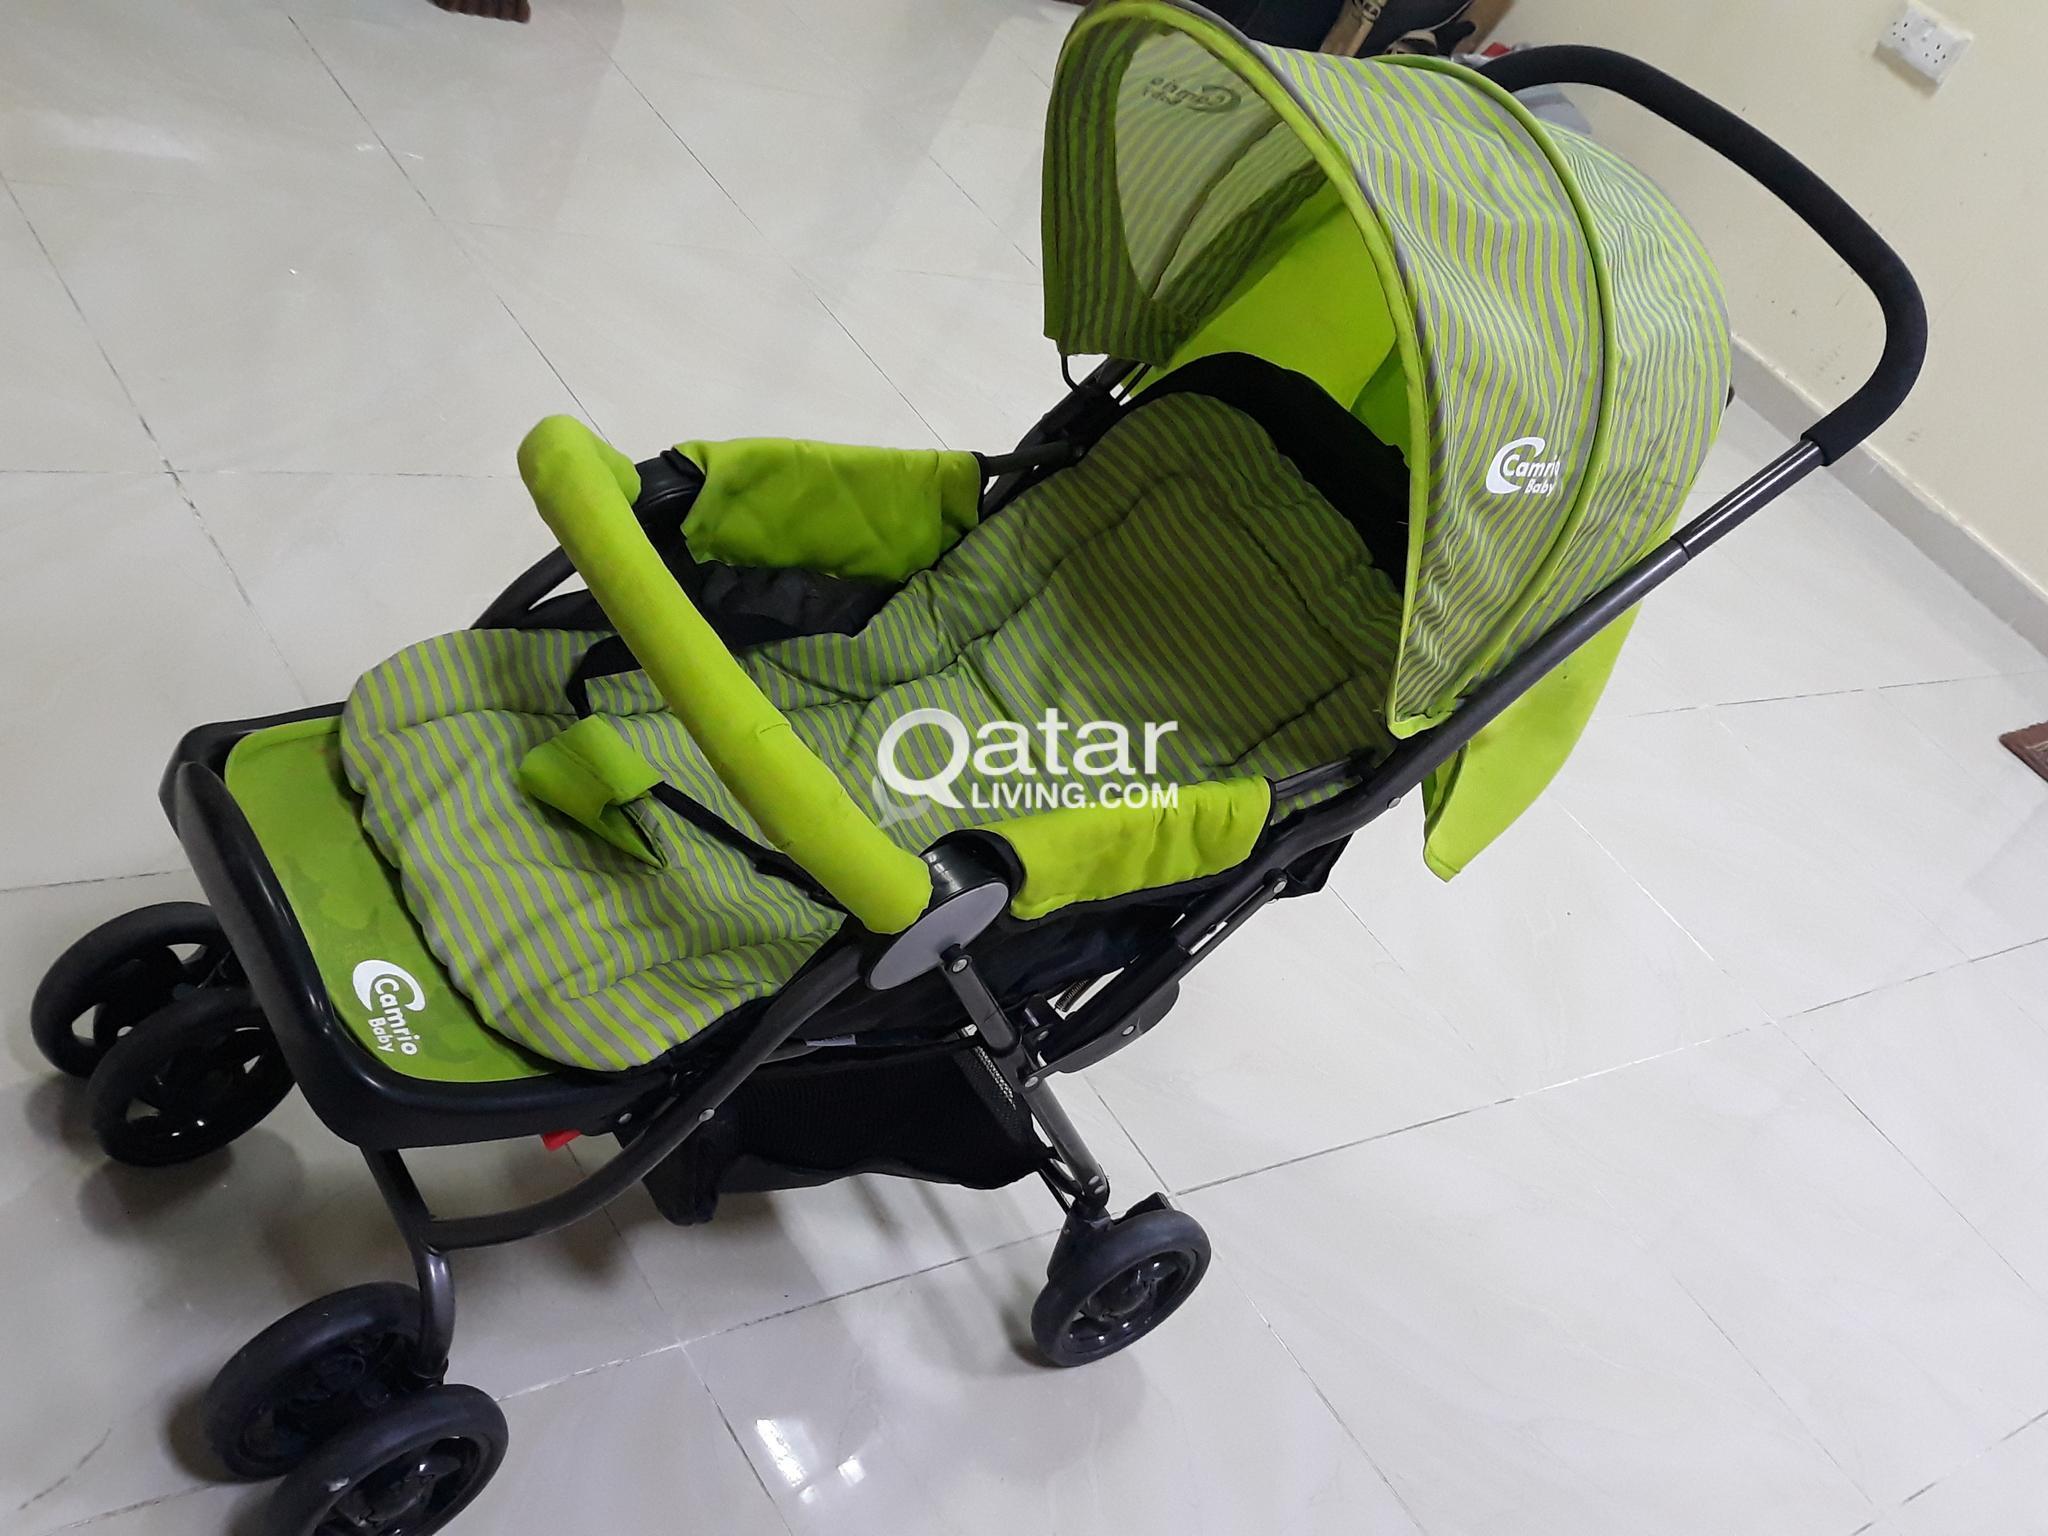 Prime baby stroller